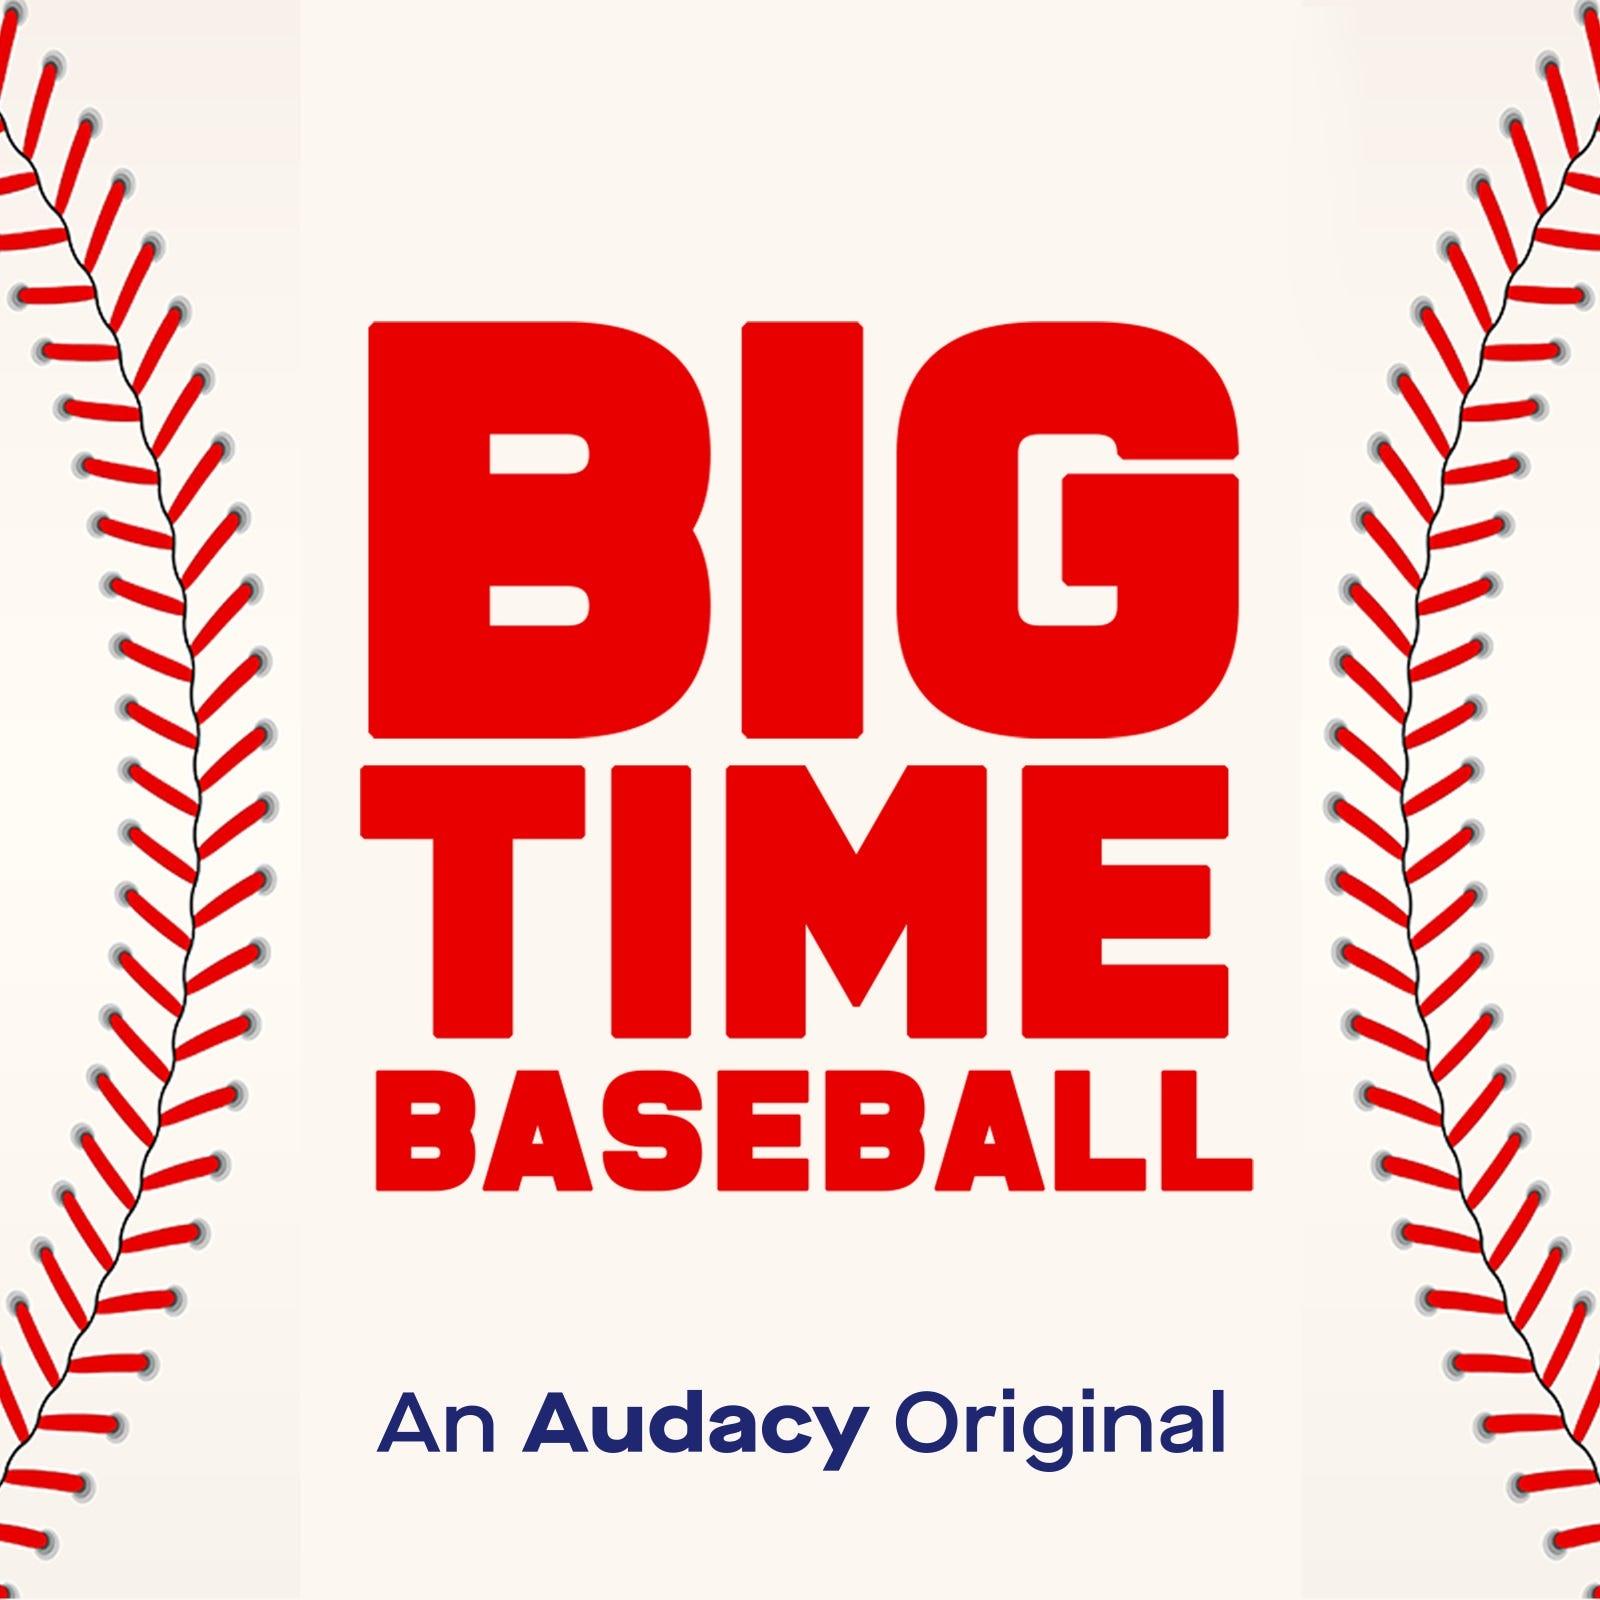 Big Time Baseball